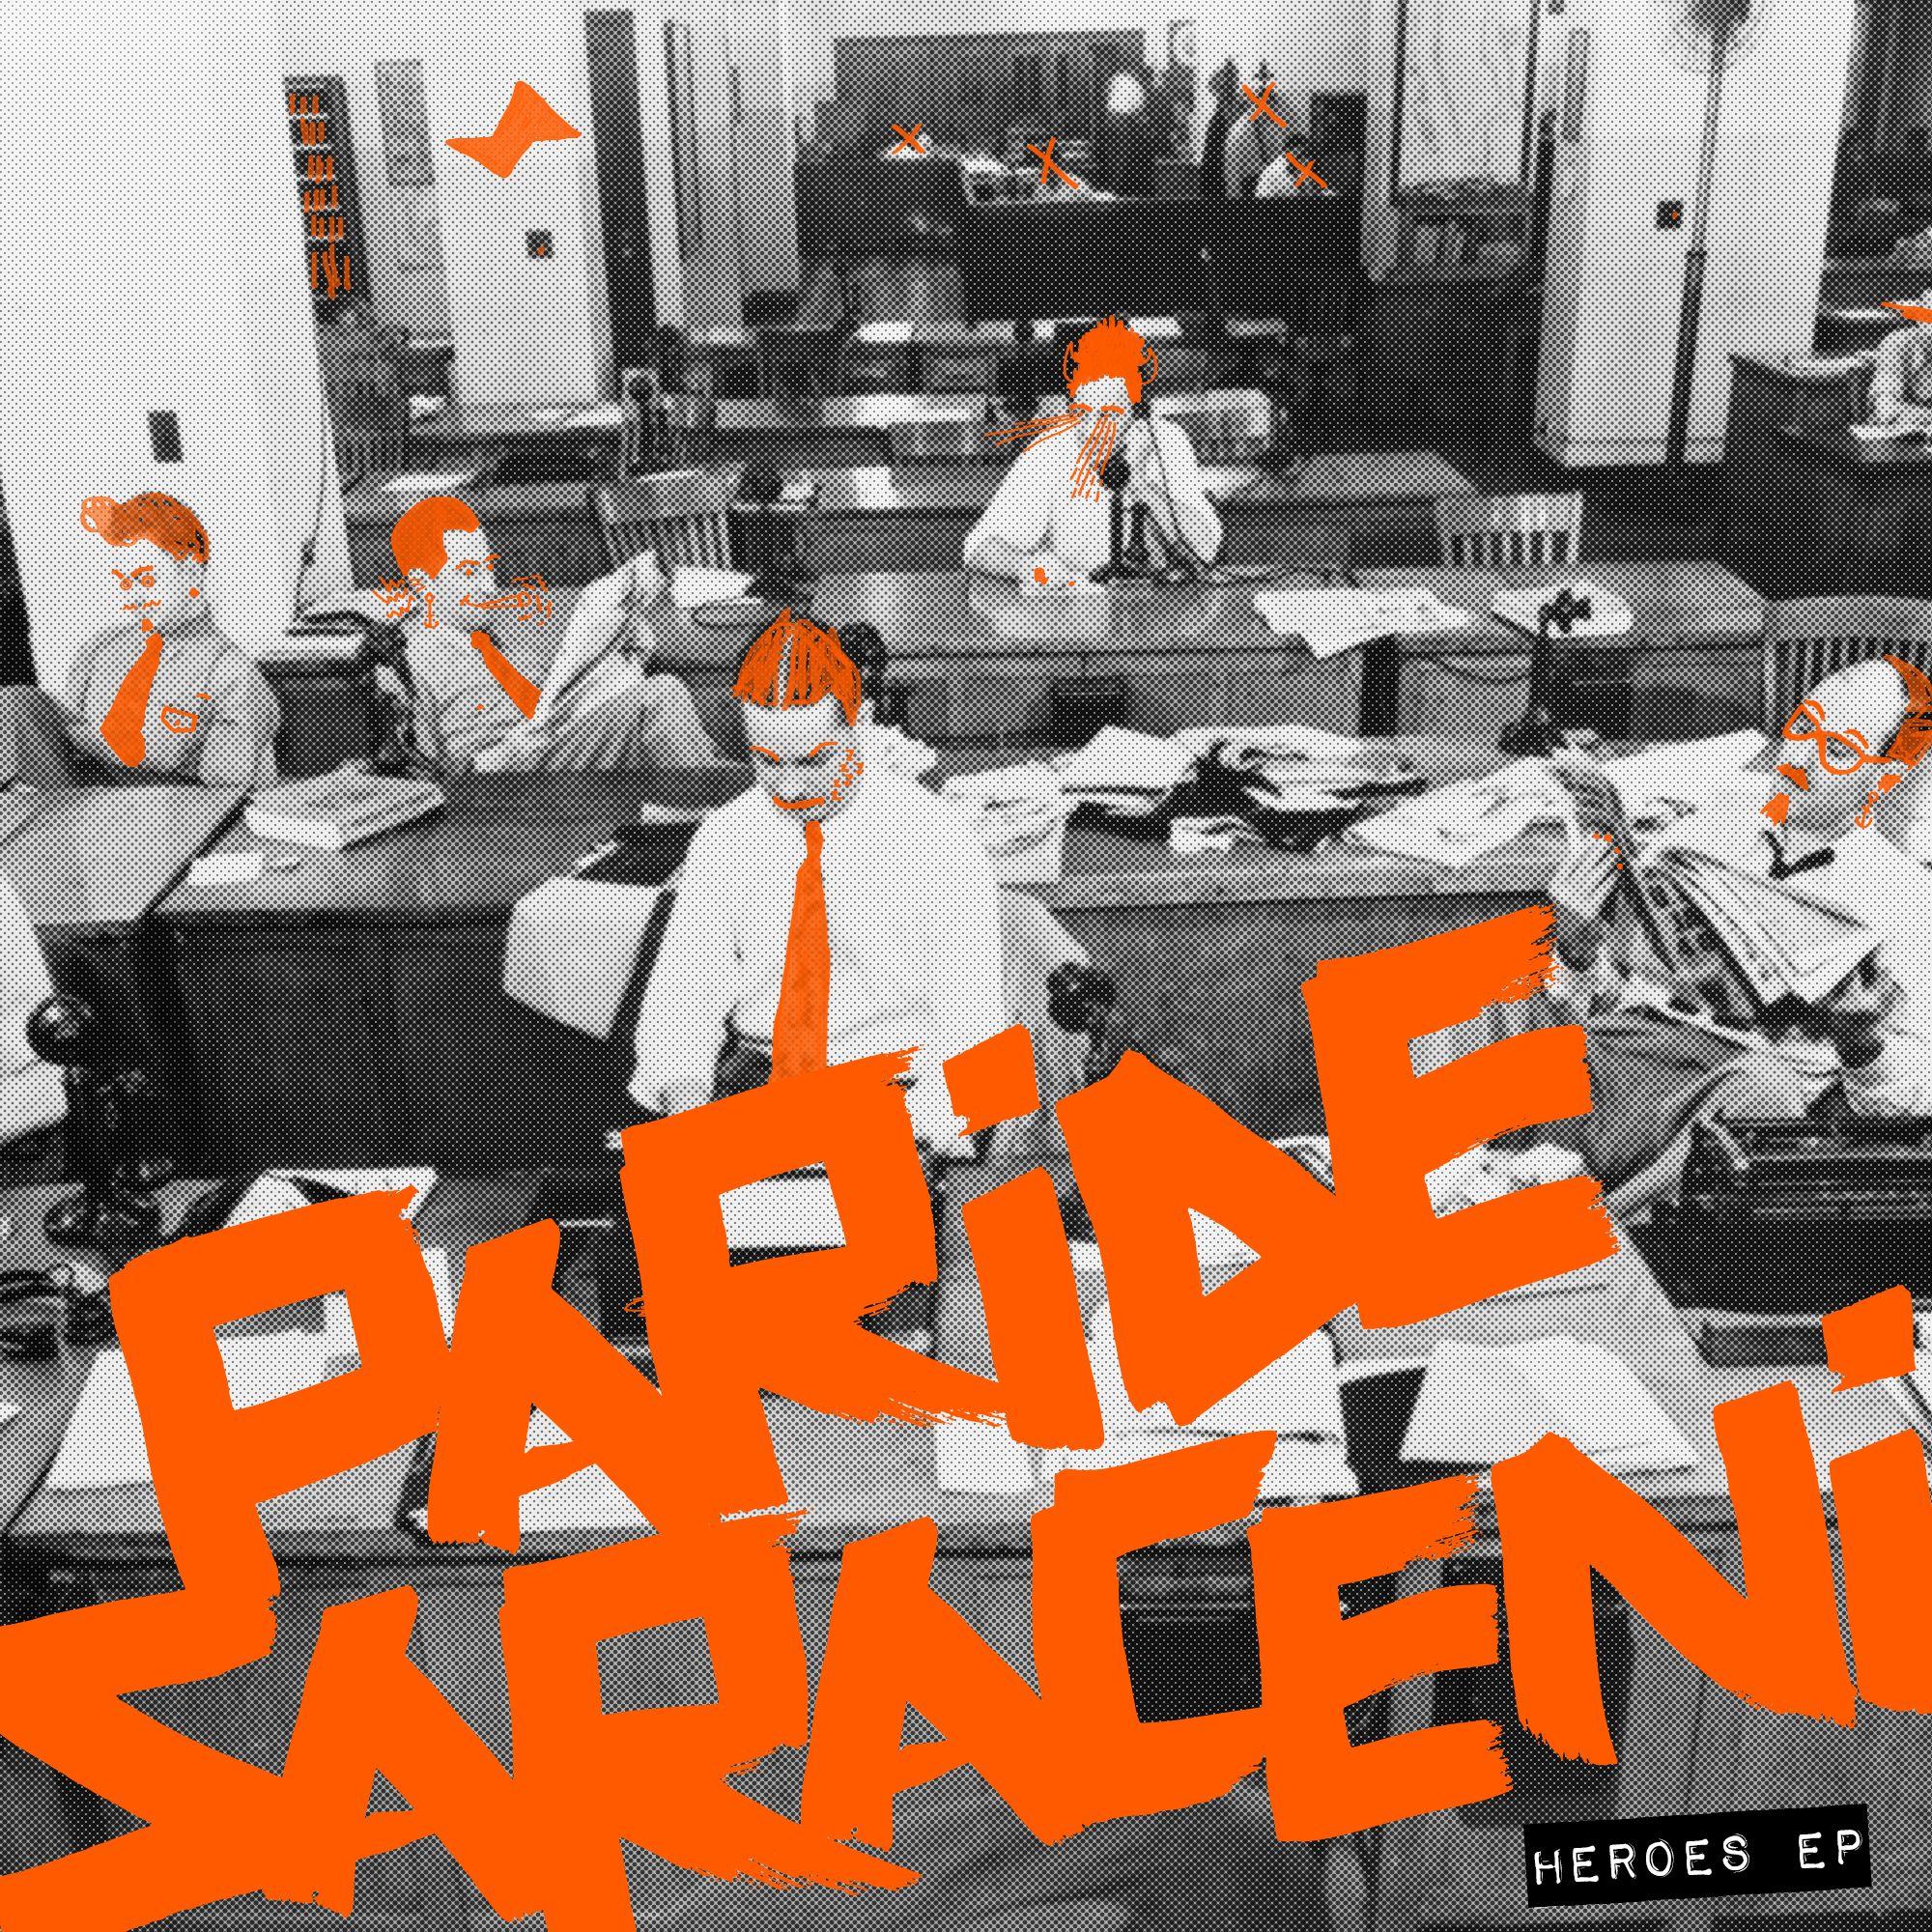 paride-saraceni-heroes-ep.jpg